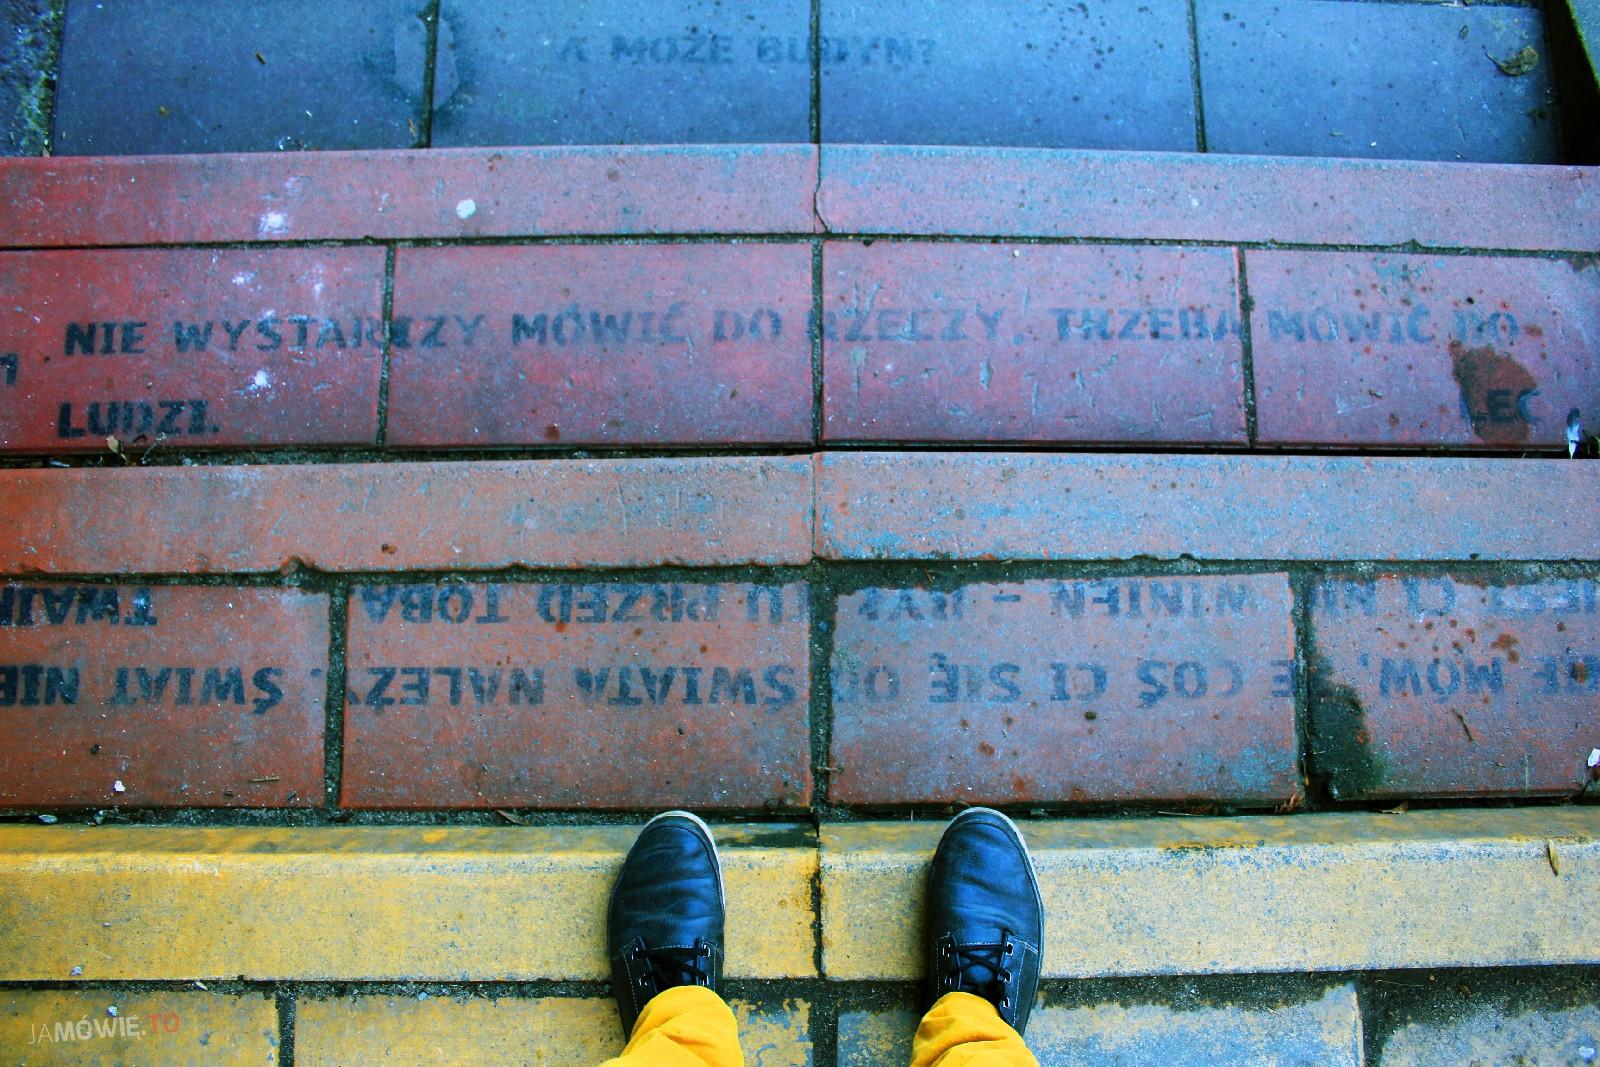 Nietypowe atrakcje Krakowa - Kraków - rzeczy, których mogłeś nie wiedzieć - Ja mówię TO https://jamowie.to Tatrzańska Schody